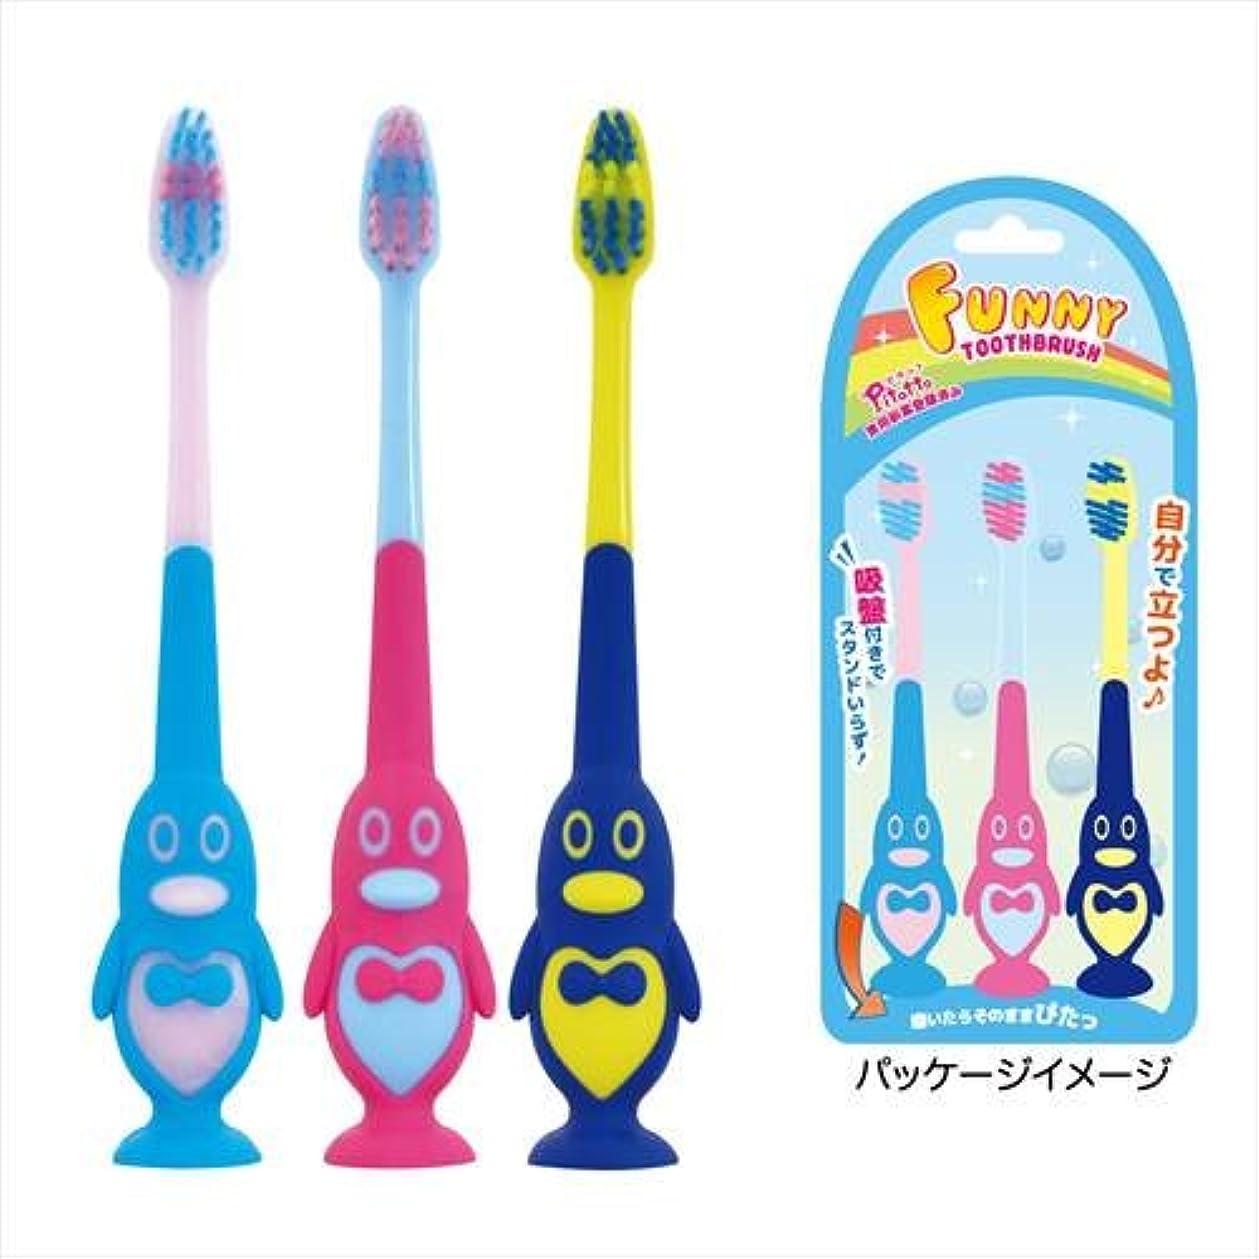 ハグ吐く取り囲む[歯ブラシ] 吸盤付き歯ブラシ 3本セット/ペンギン ユーカンパニー かわいい 洗面用具 グッズ 通販